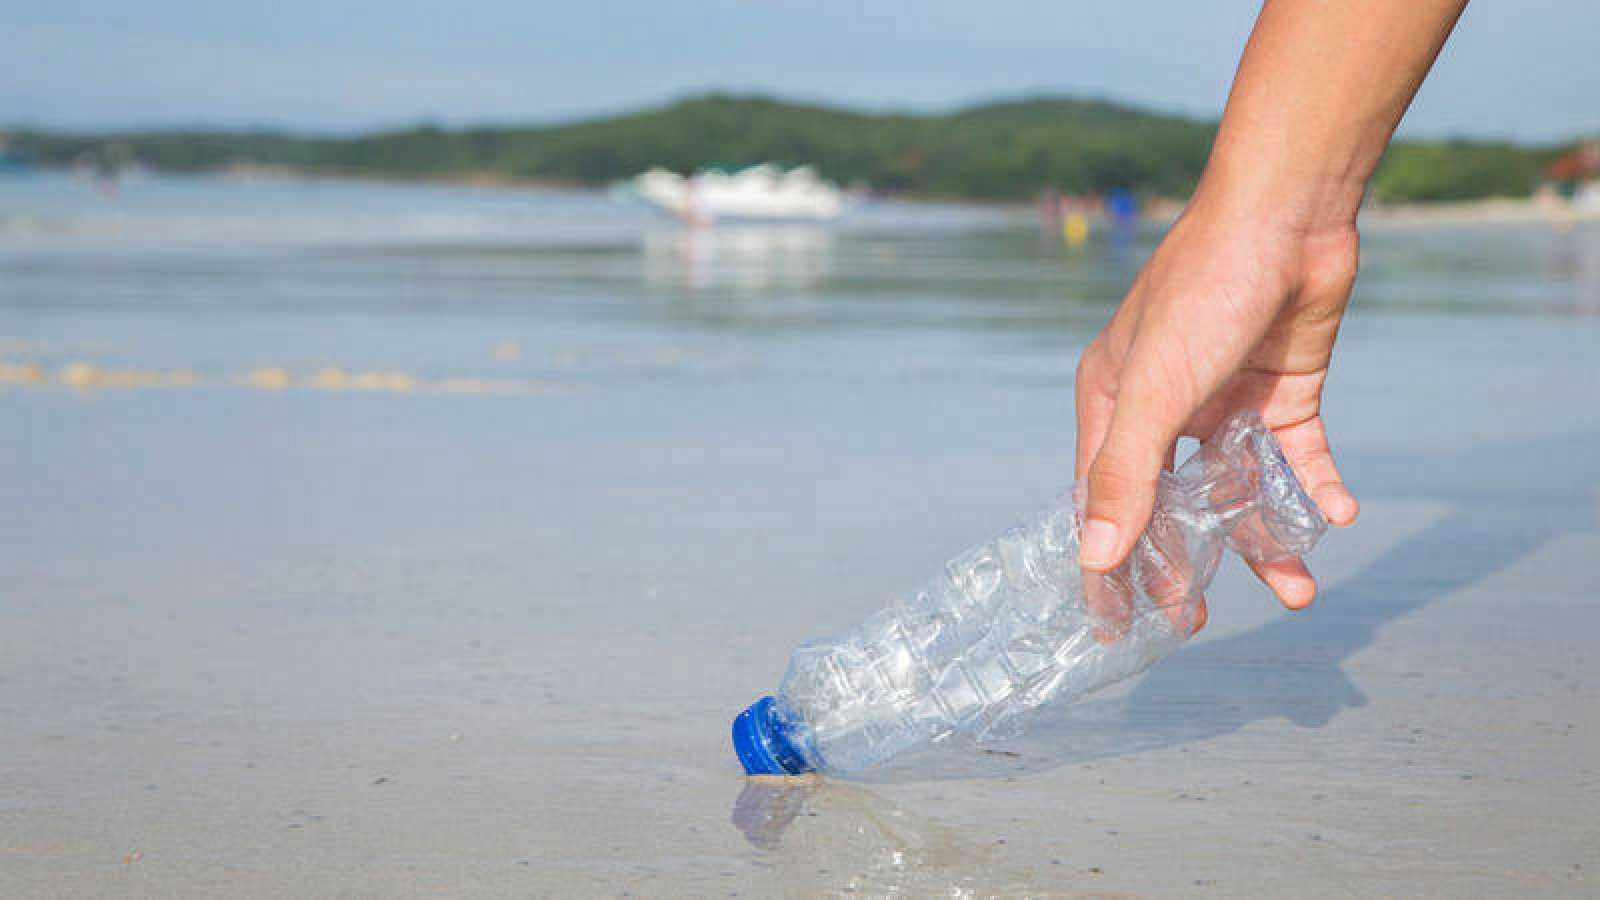 """El G20 afirma que la contaminación marina """"es un asunto que requiere acción urgente"""". Imagen de archivo"""